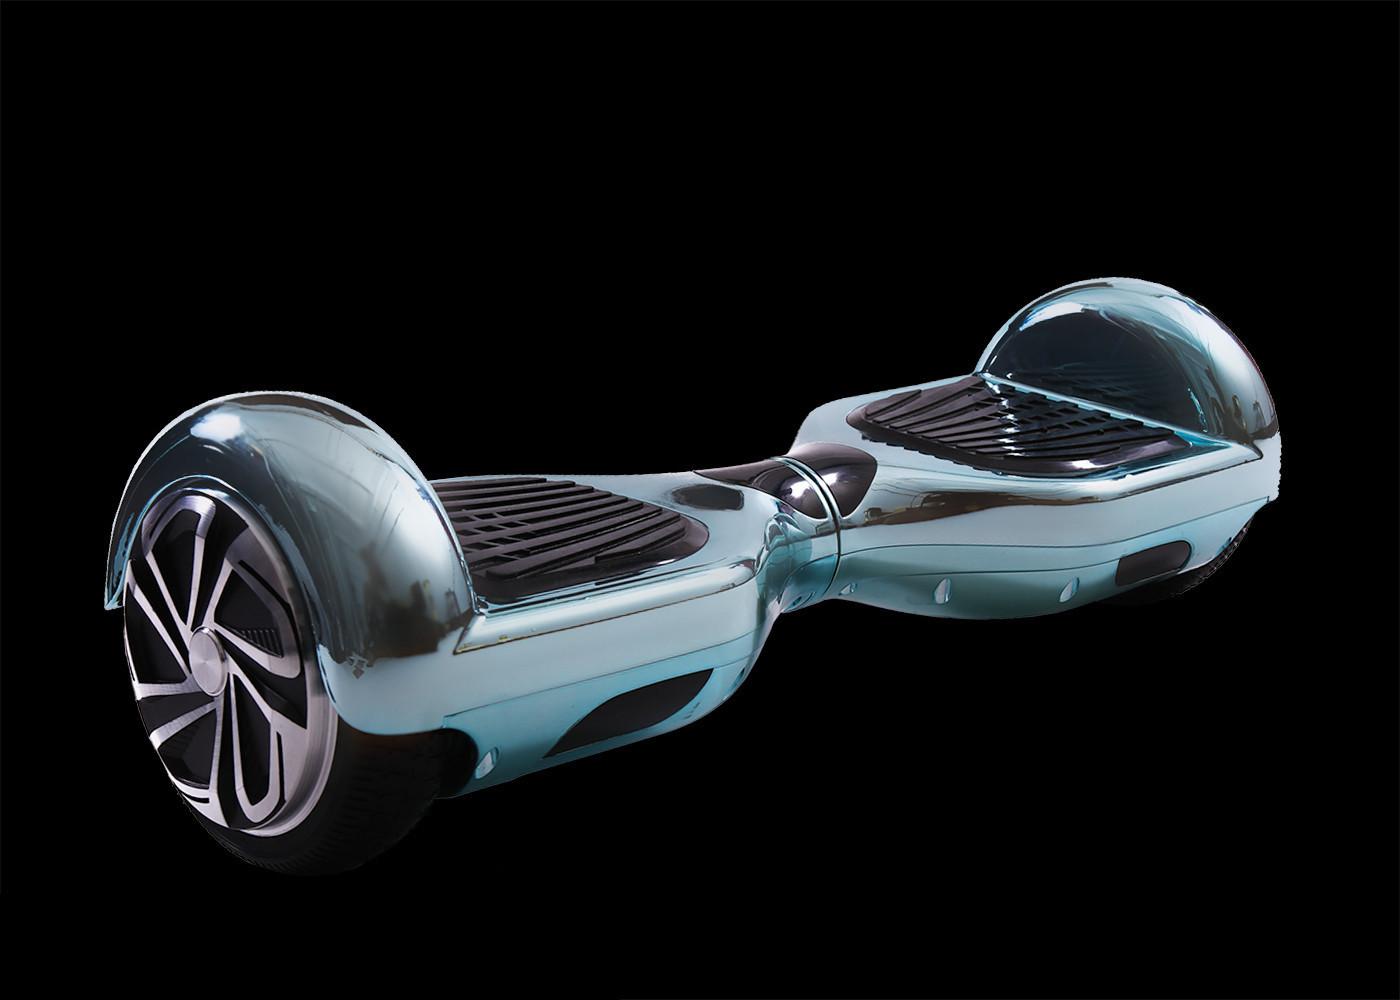 smart balance board standard teal black hover board nation. Black Bedroom Furniture Sets. Home Design Ideas